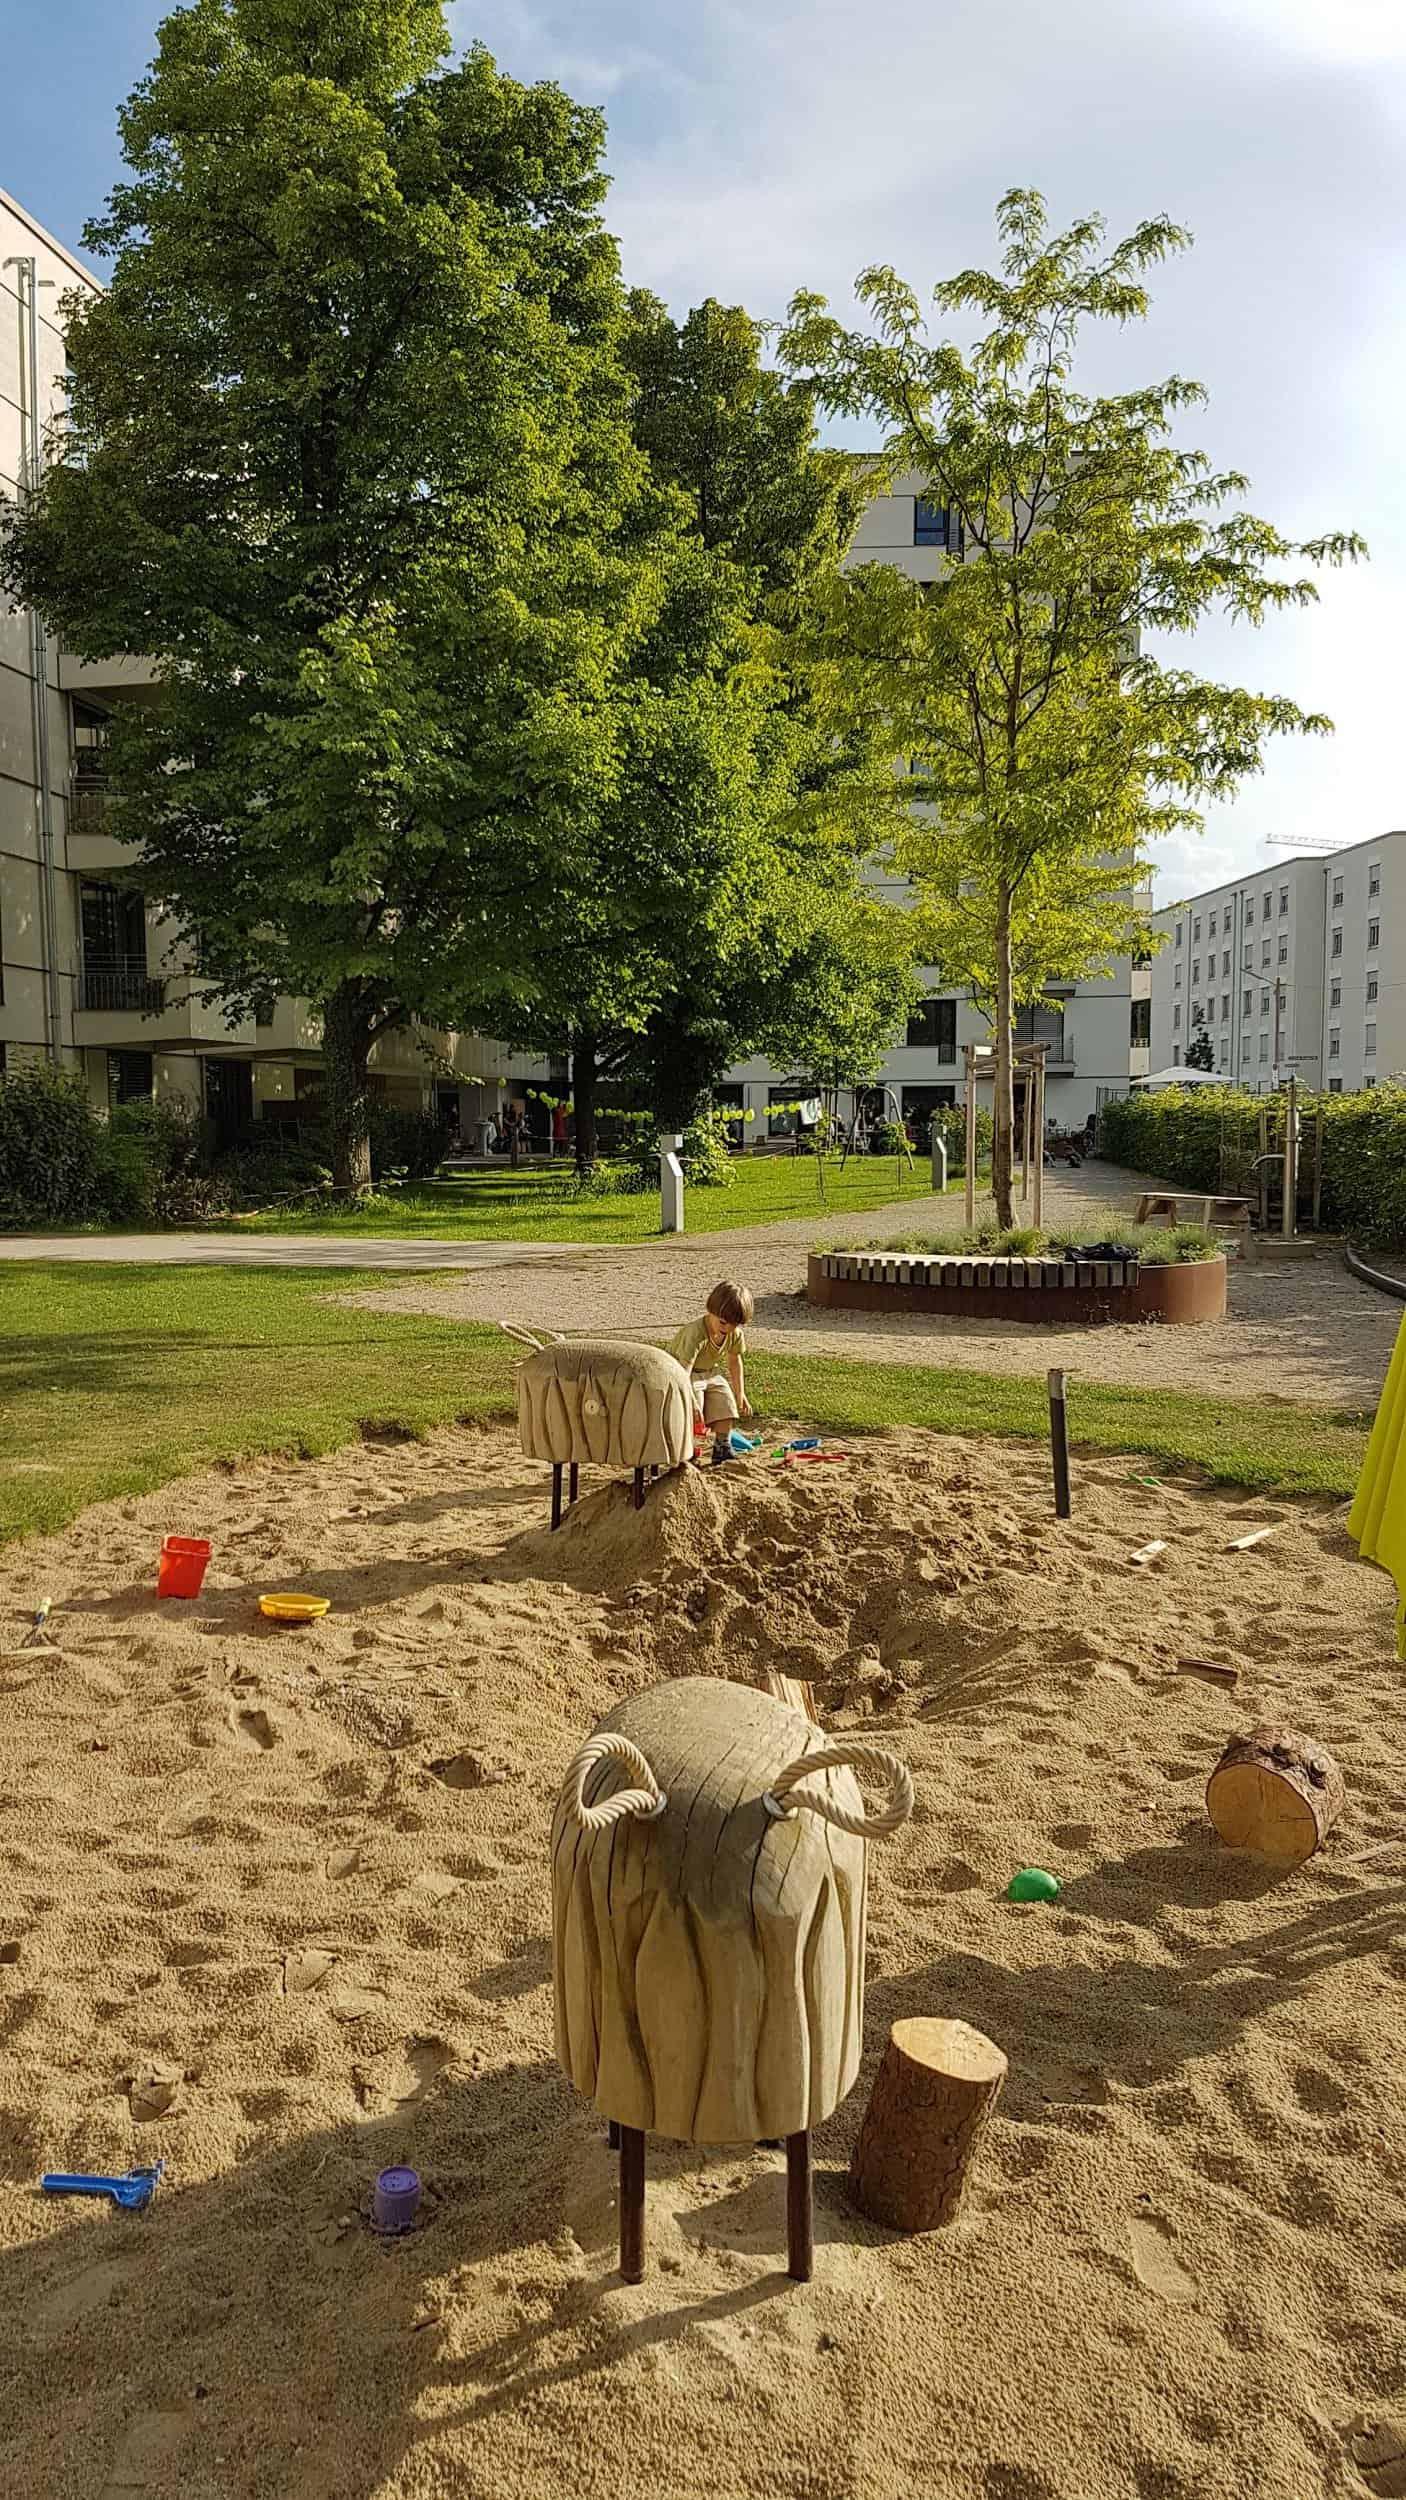 Bild: Spielplatz im grünen Innenhof, Foto: ver.de landschaftsarchitektur